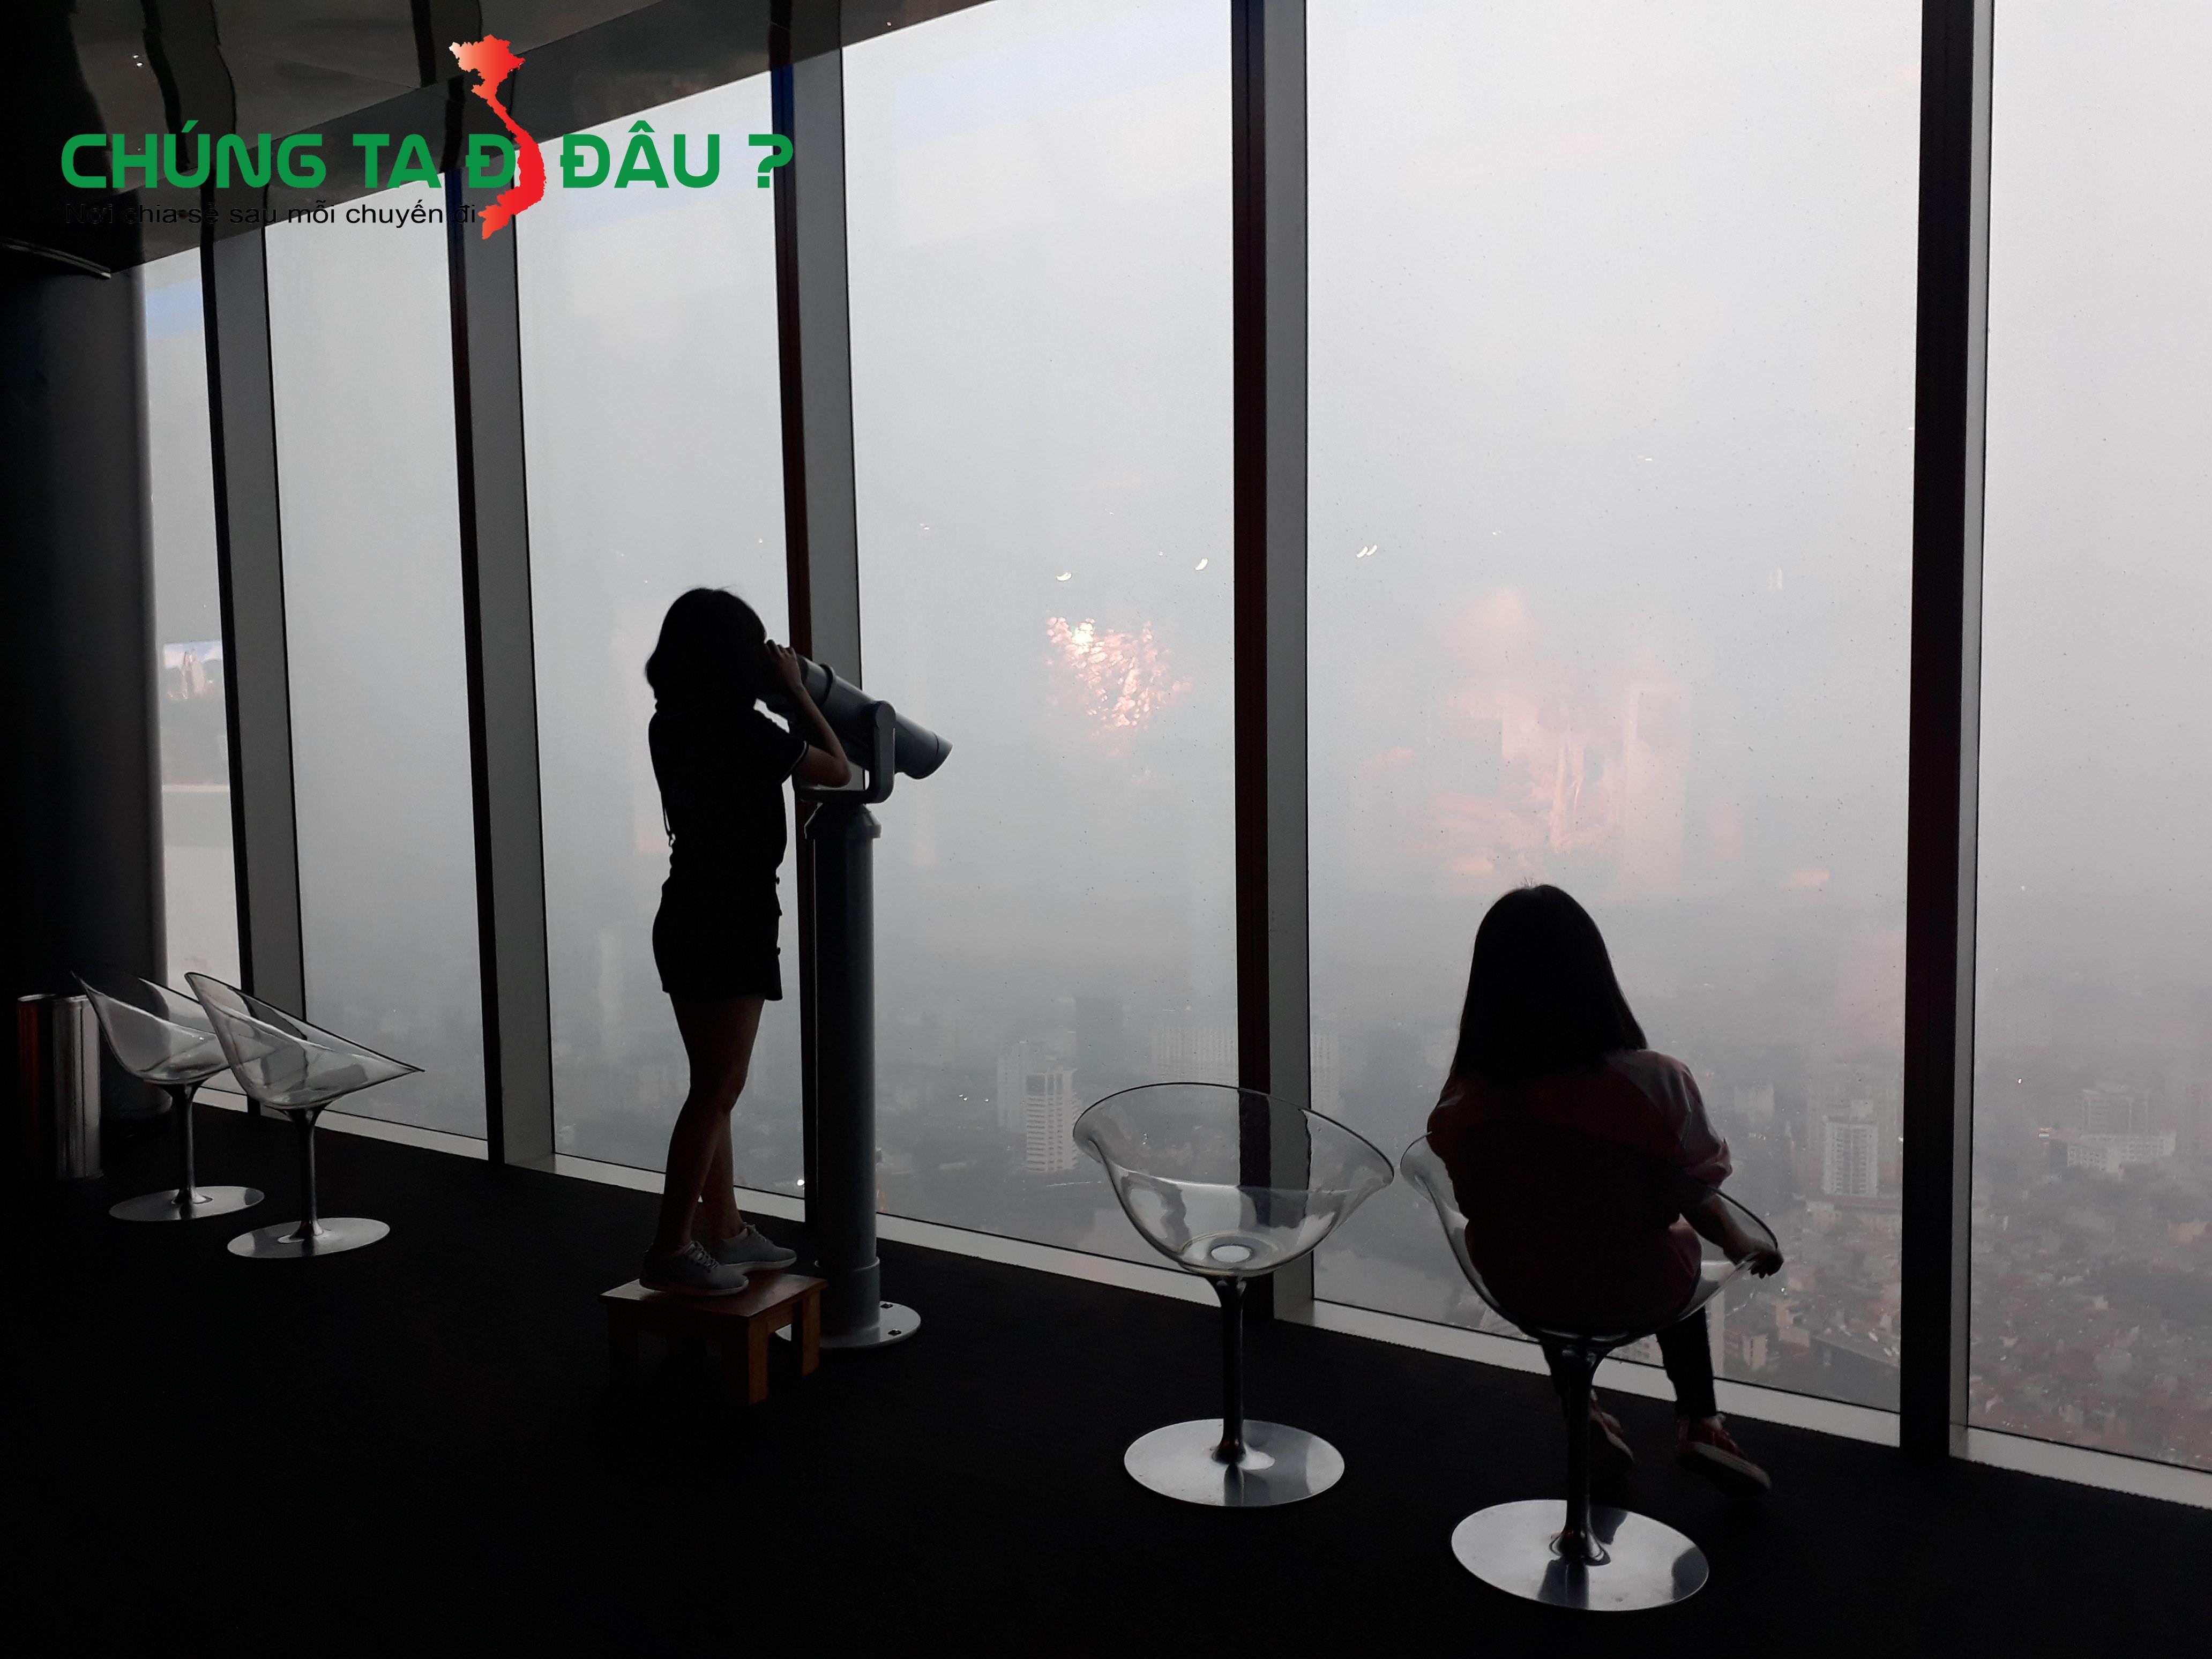 Ngắm quang cảnh Hà Nội từ đài quan sát bằng ống nhòm